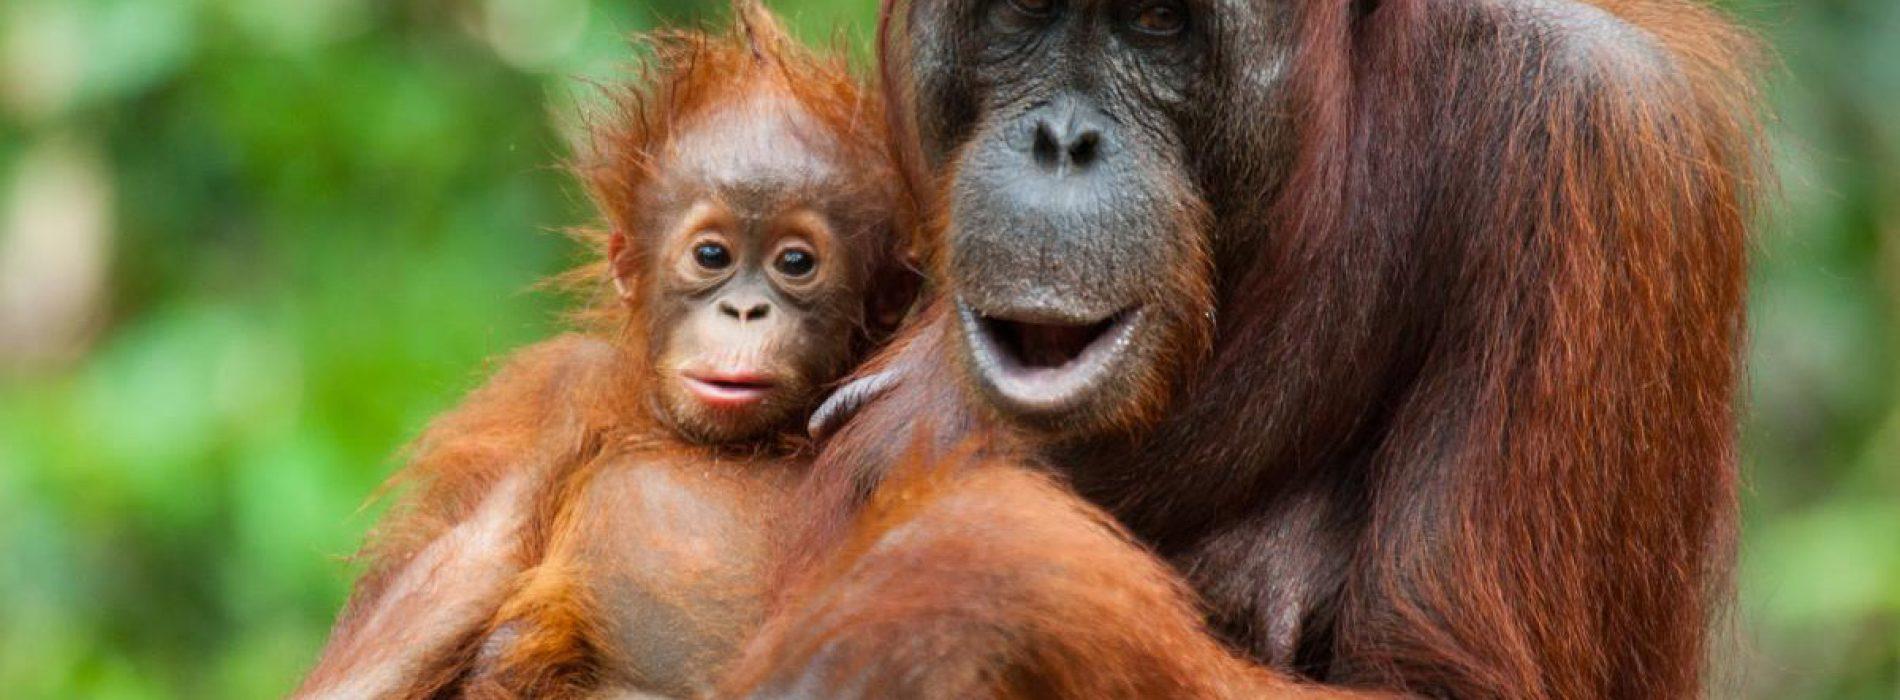 Wereldprimeur: orang-oetans maken hun eigen medicijnen. Is de mens wel zo slim als hij denkt?